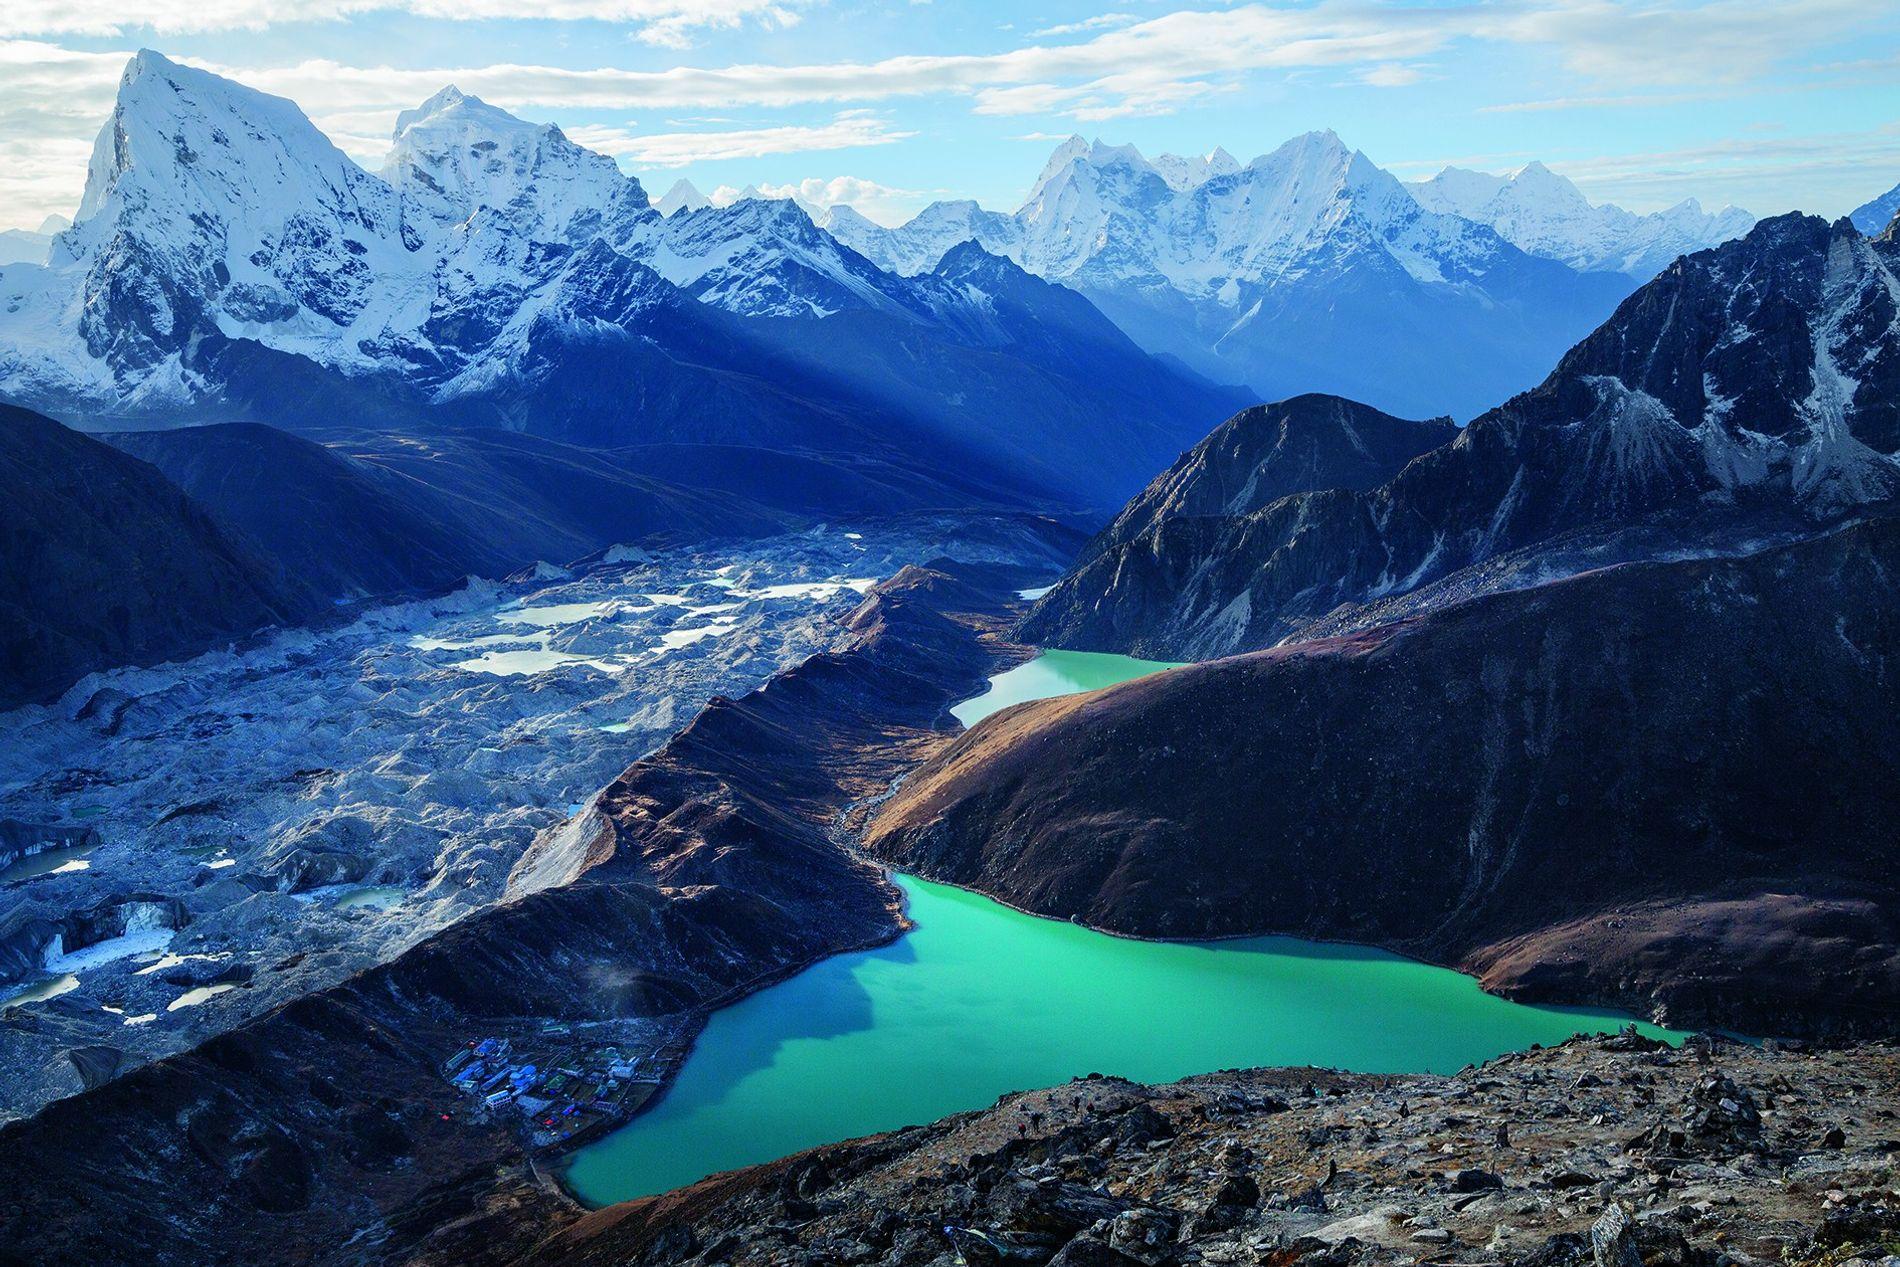 Das nepalesische Dorf Gokyo liegt versteckt am Ufer eines Sees, der zum Teil vom Ngozumba-Gletscher gespeist ...